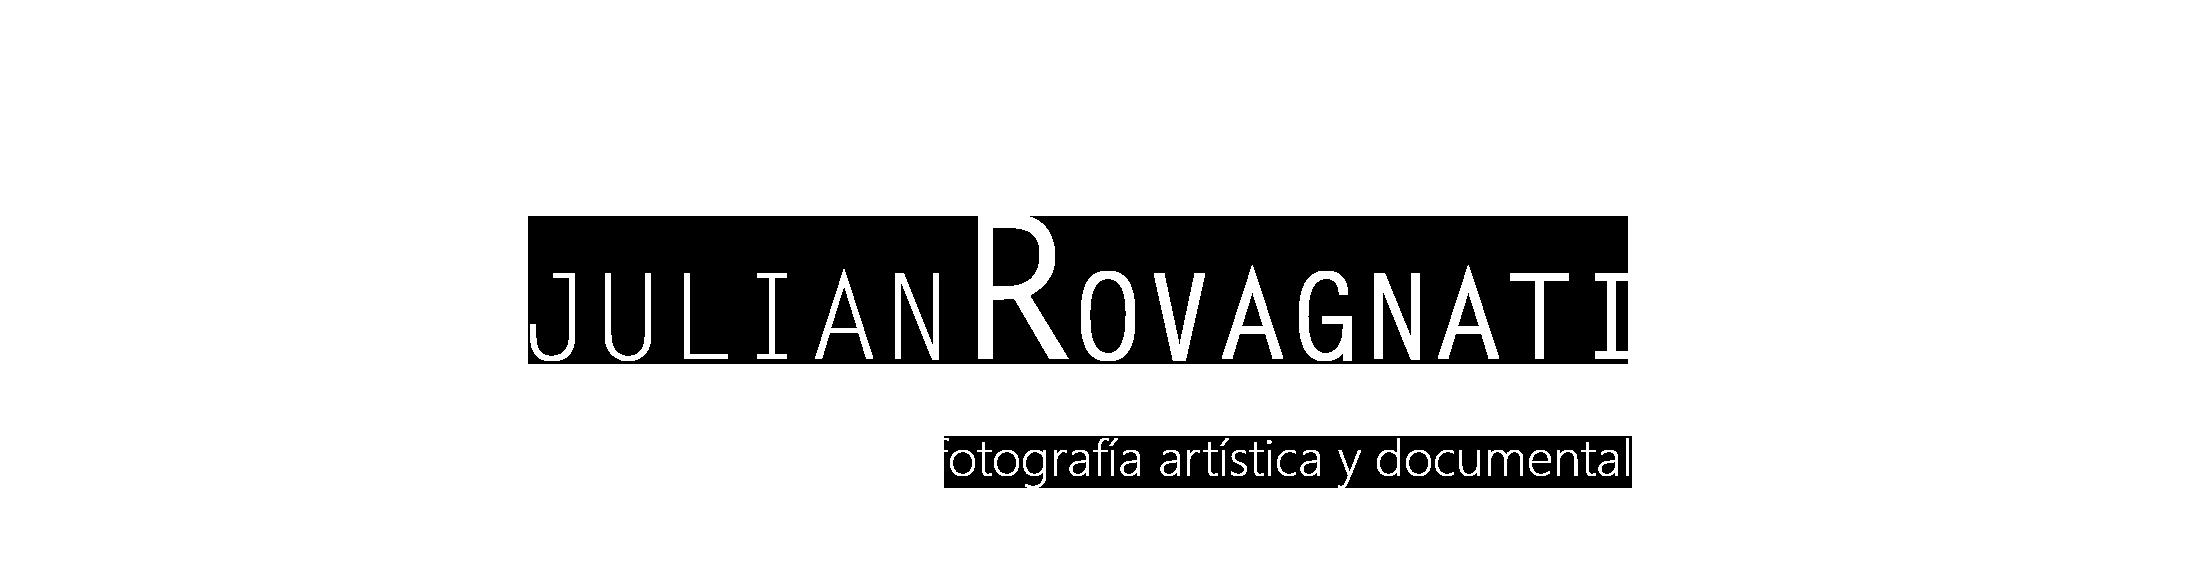 Julian Rovagnati